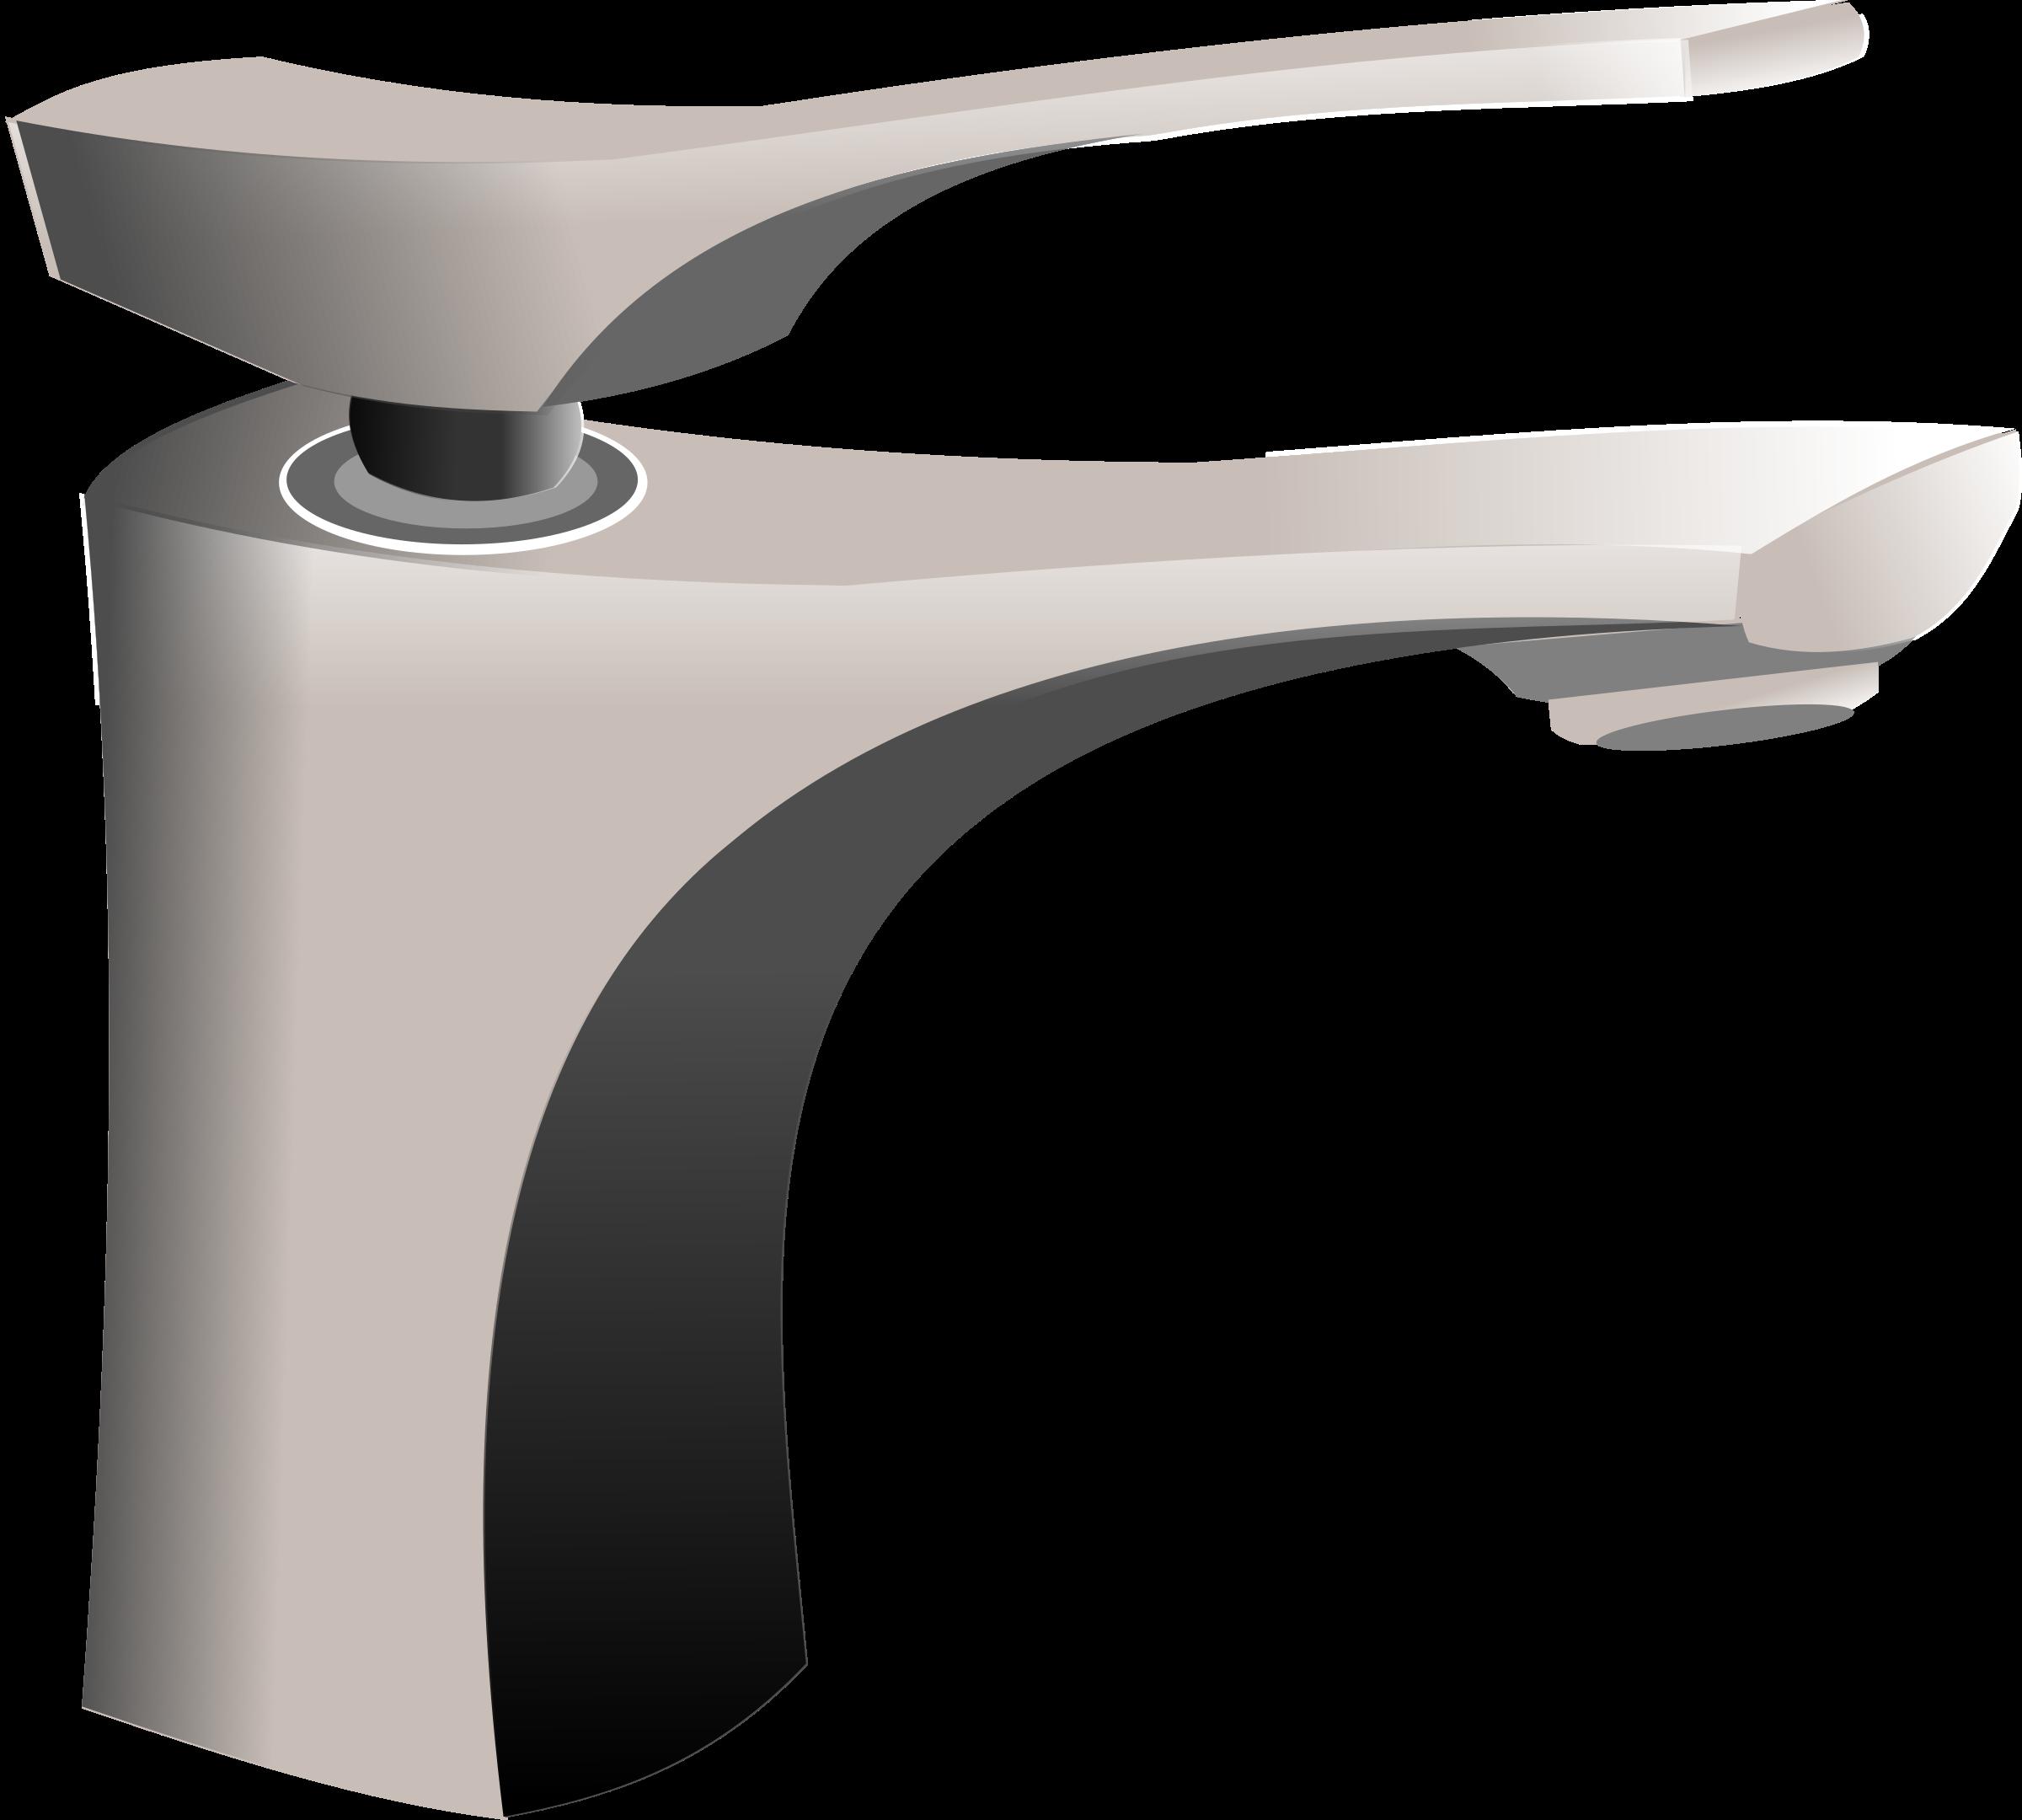 Faucet clipart watertap. Tap big image png